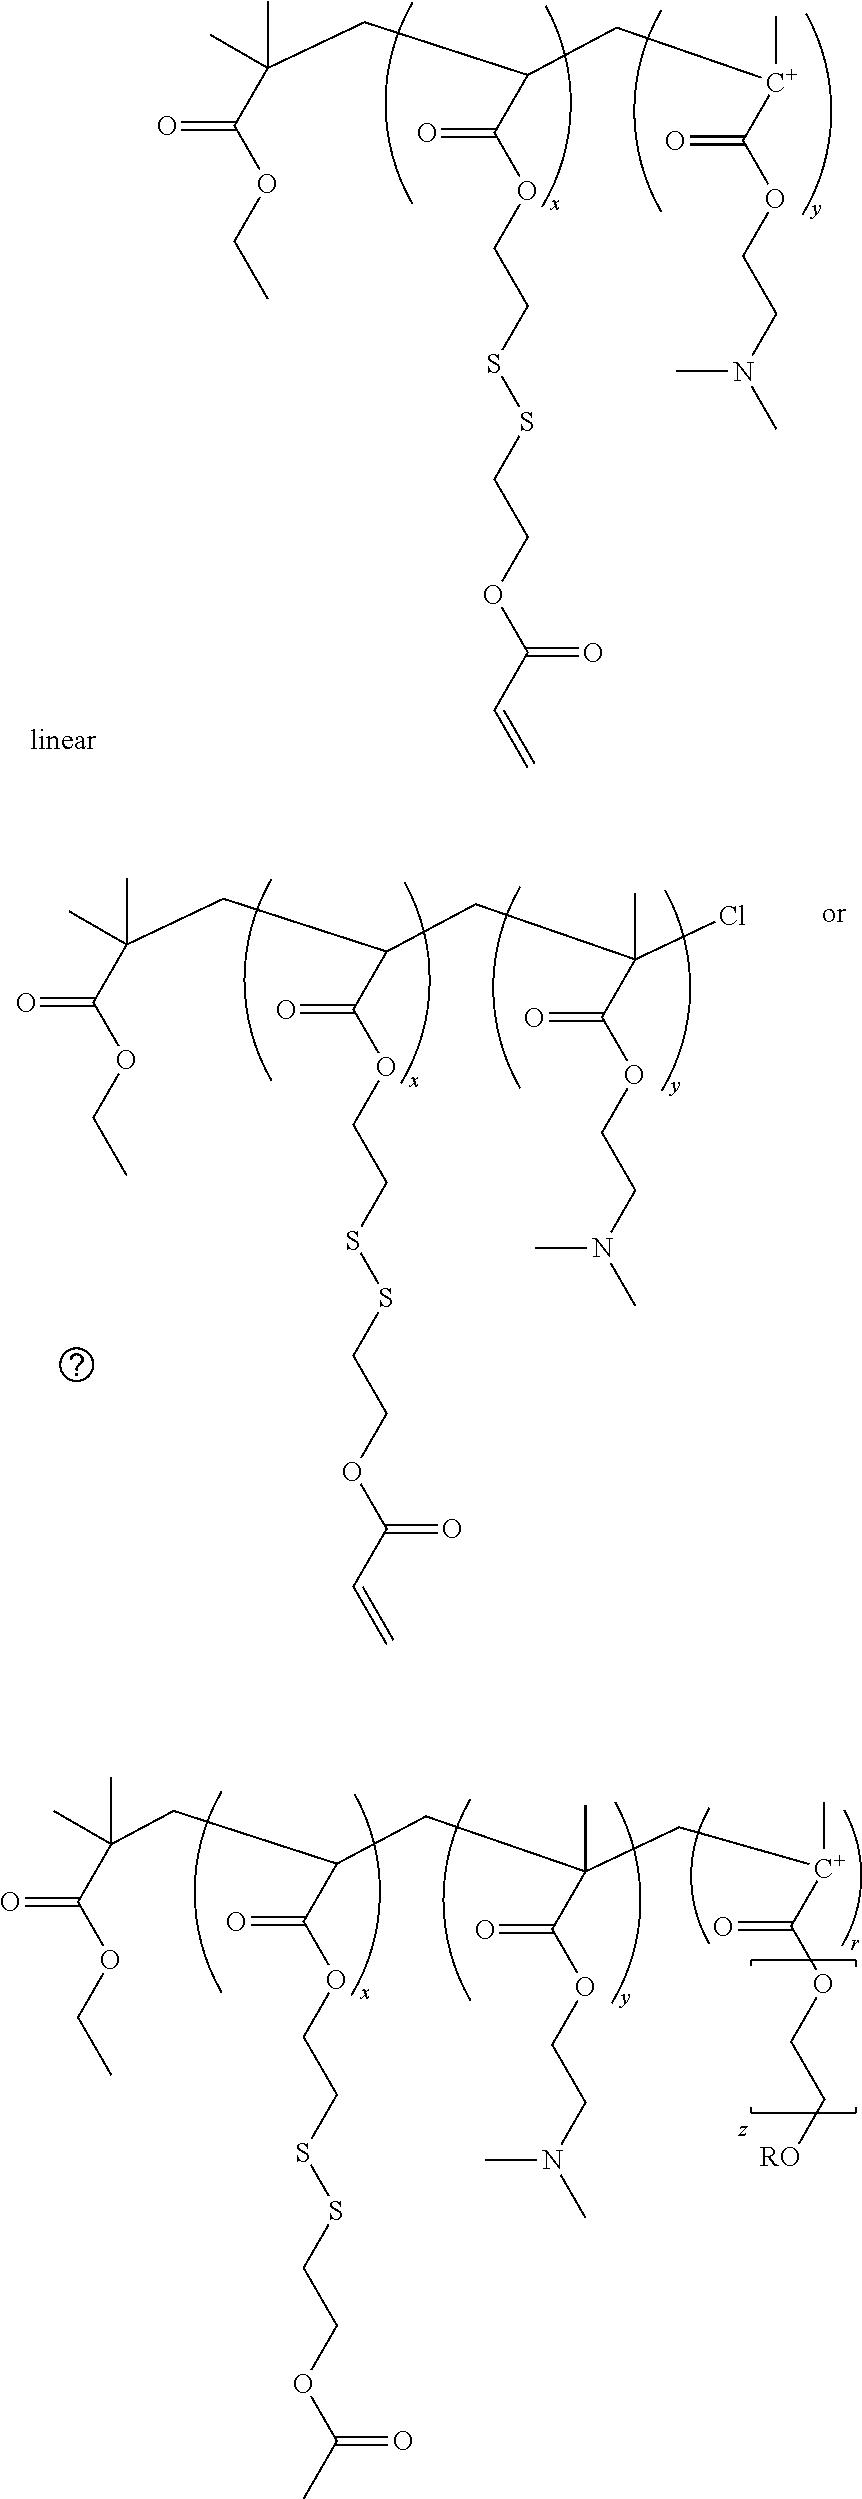 Figure US20150240262A1-20150827-C00002